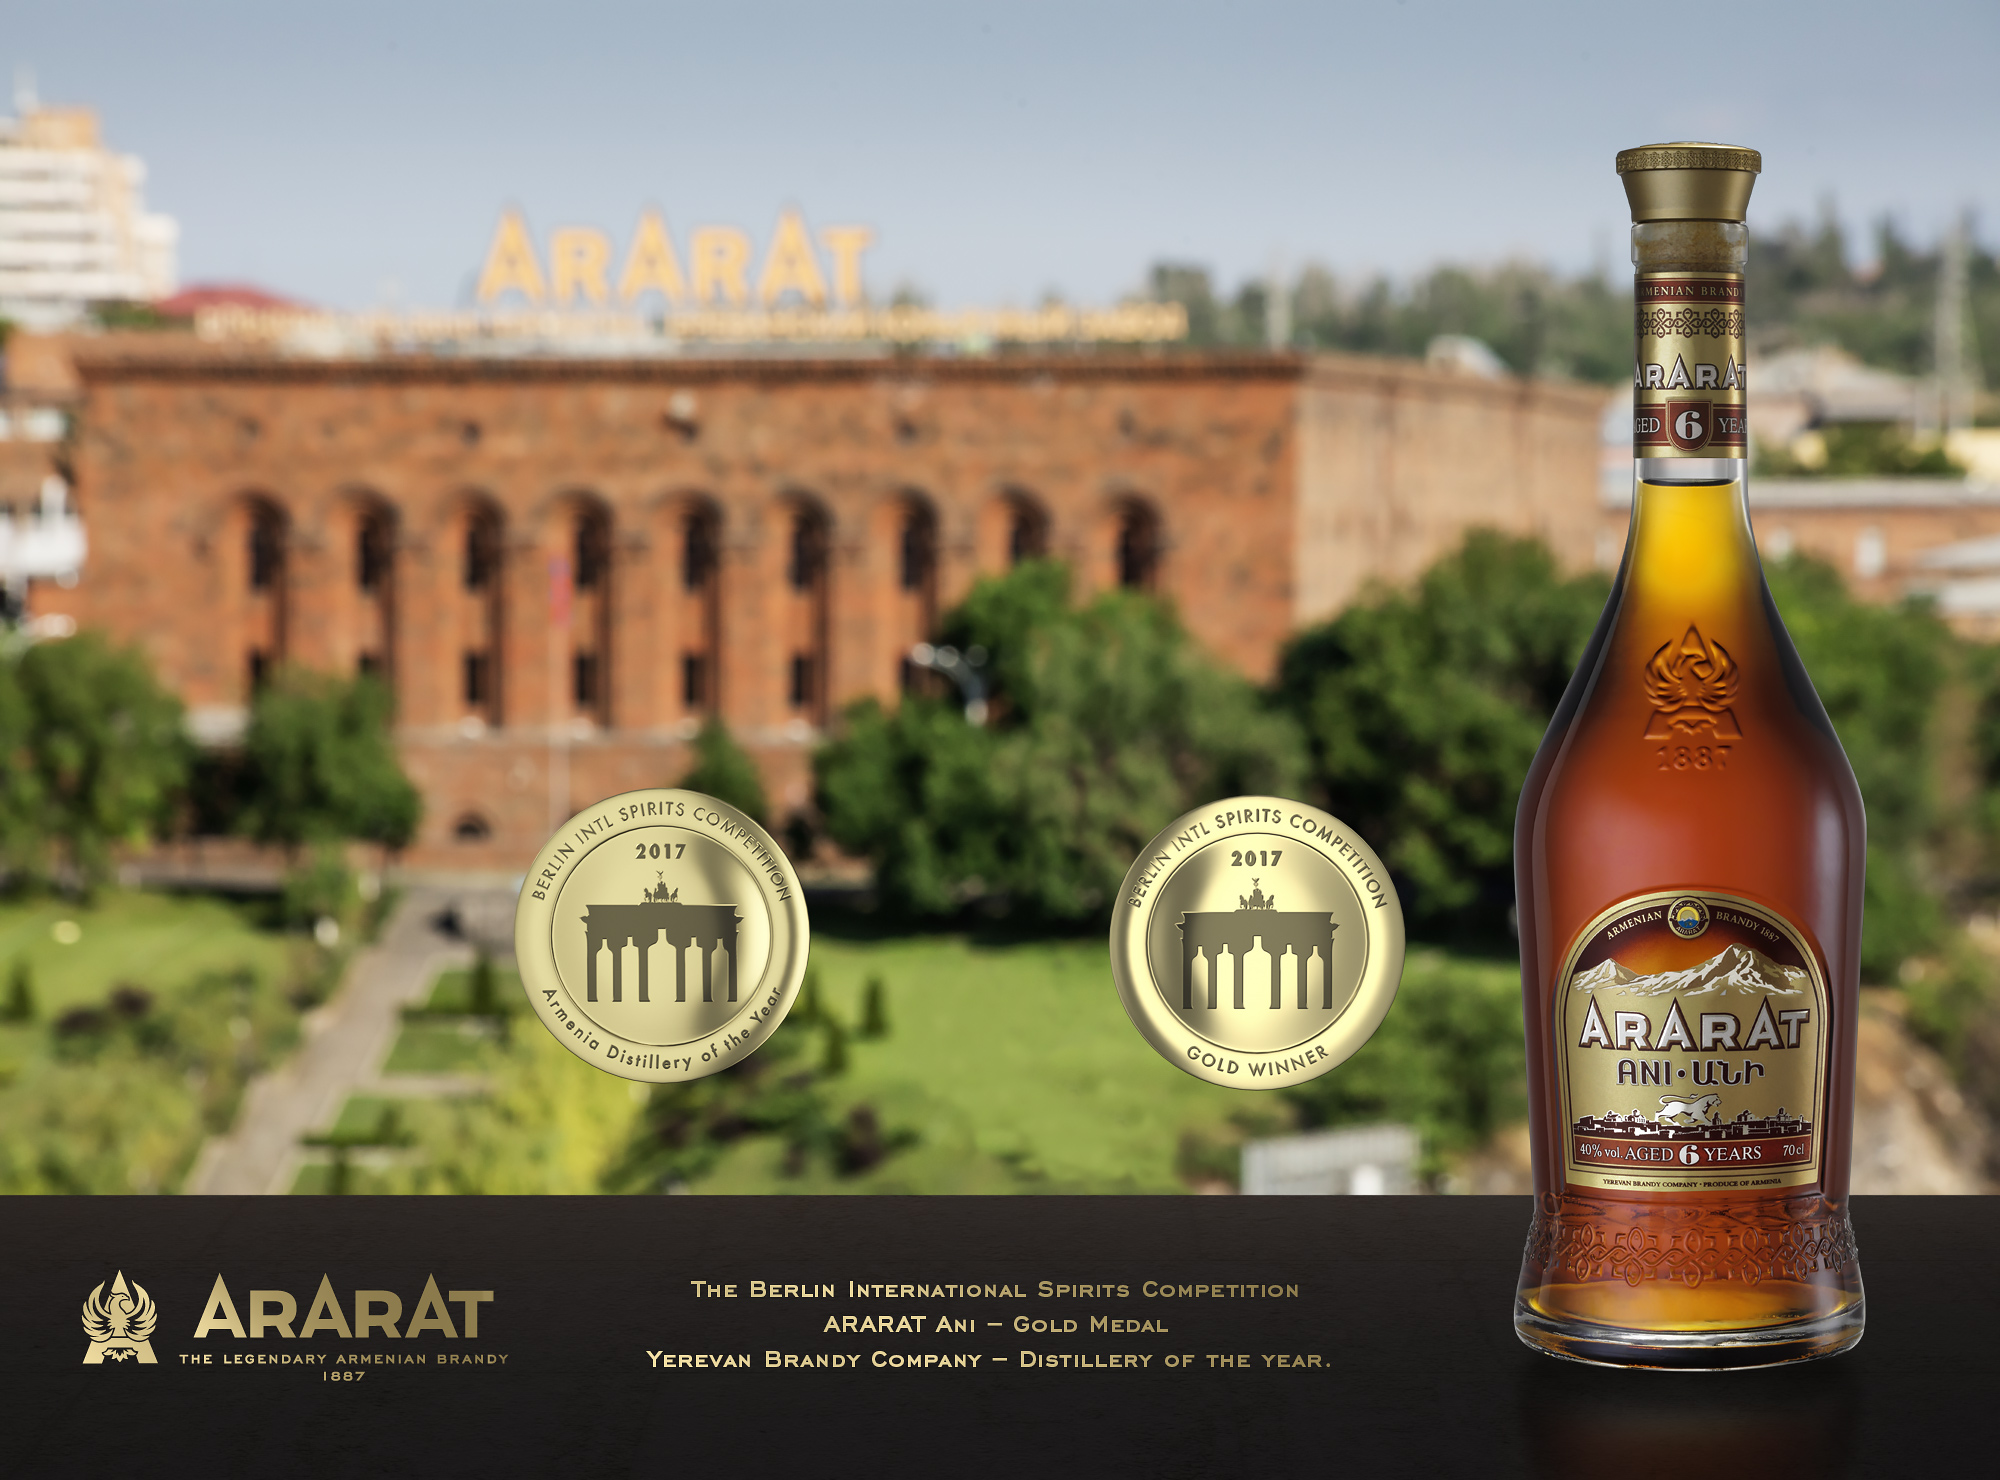 ԵԿԳ. «ARARAT» ԱՆԻ կոնյակն արժանացել է ոսկե մեդալի